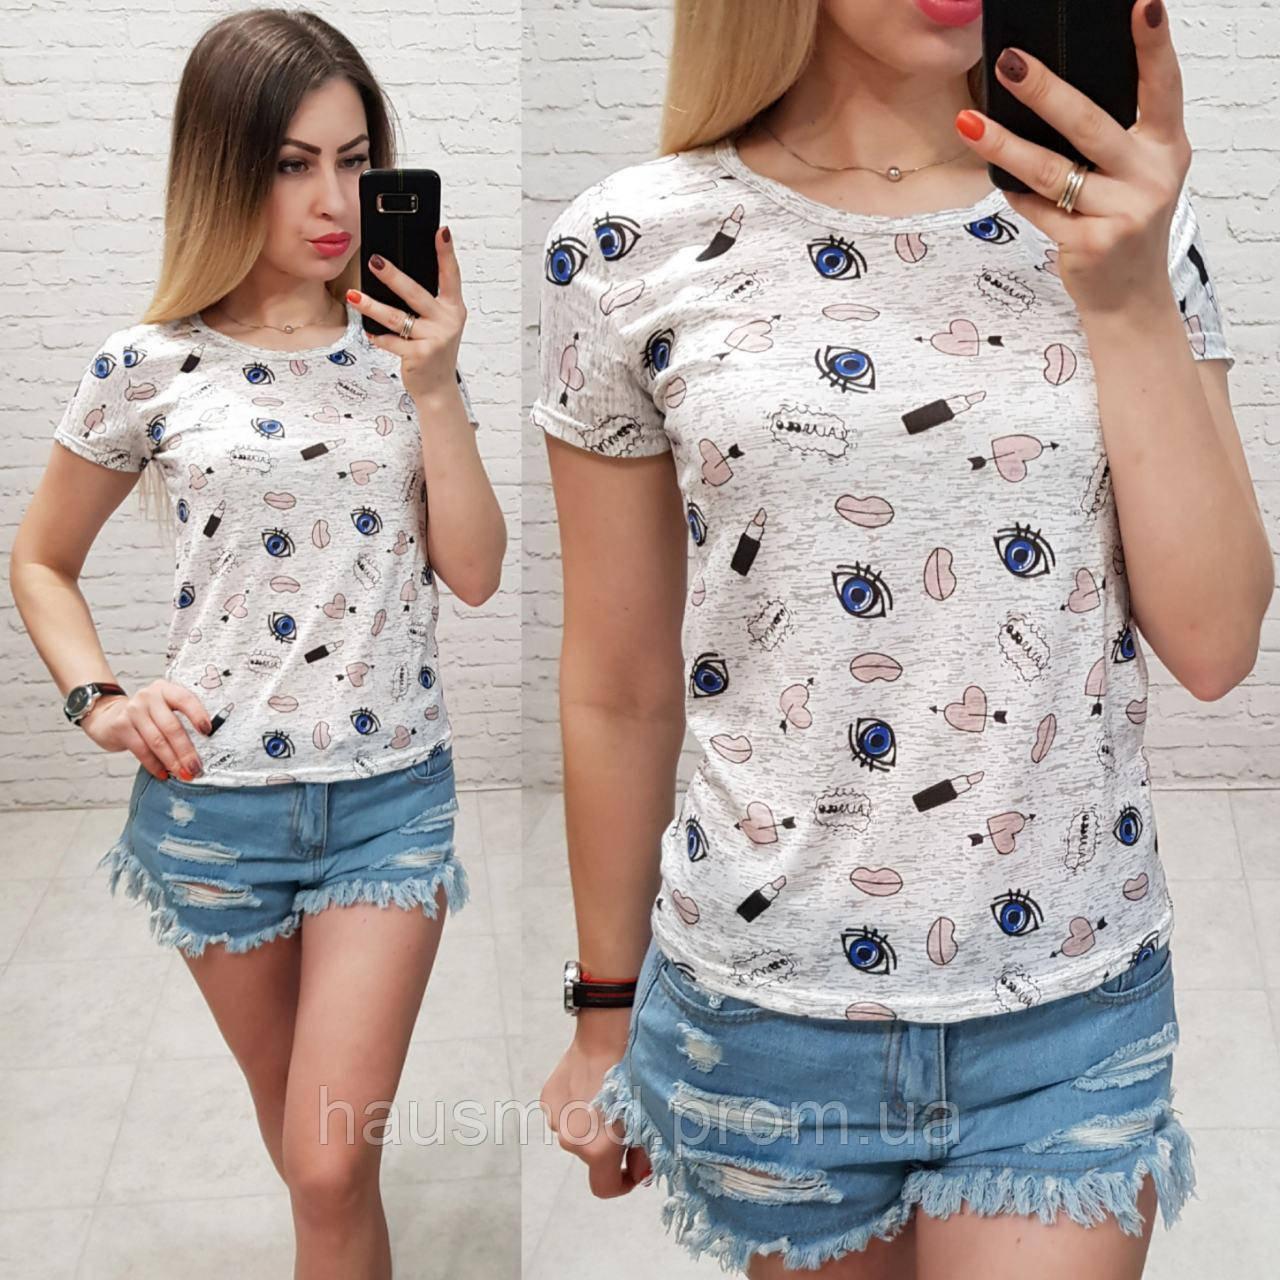 Женская футболка летняя Oversize one size качество турция размер универсал сублимация губы и помада цвет серый